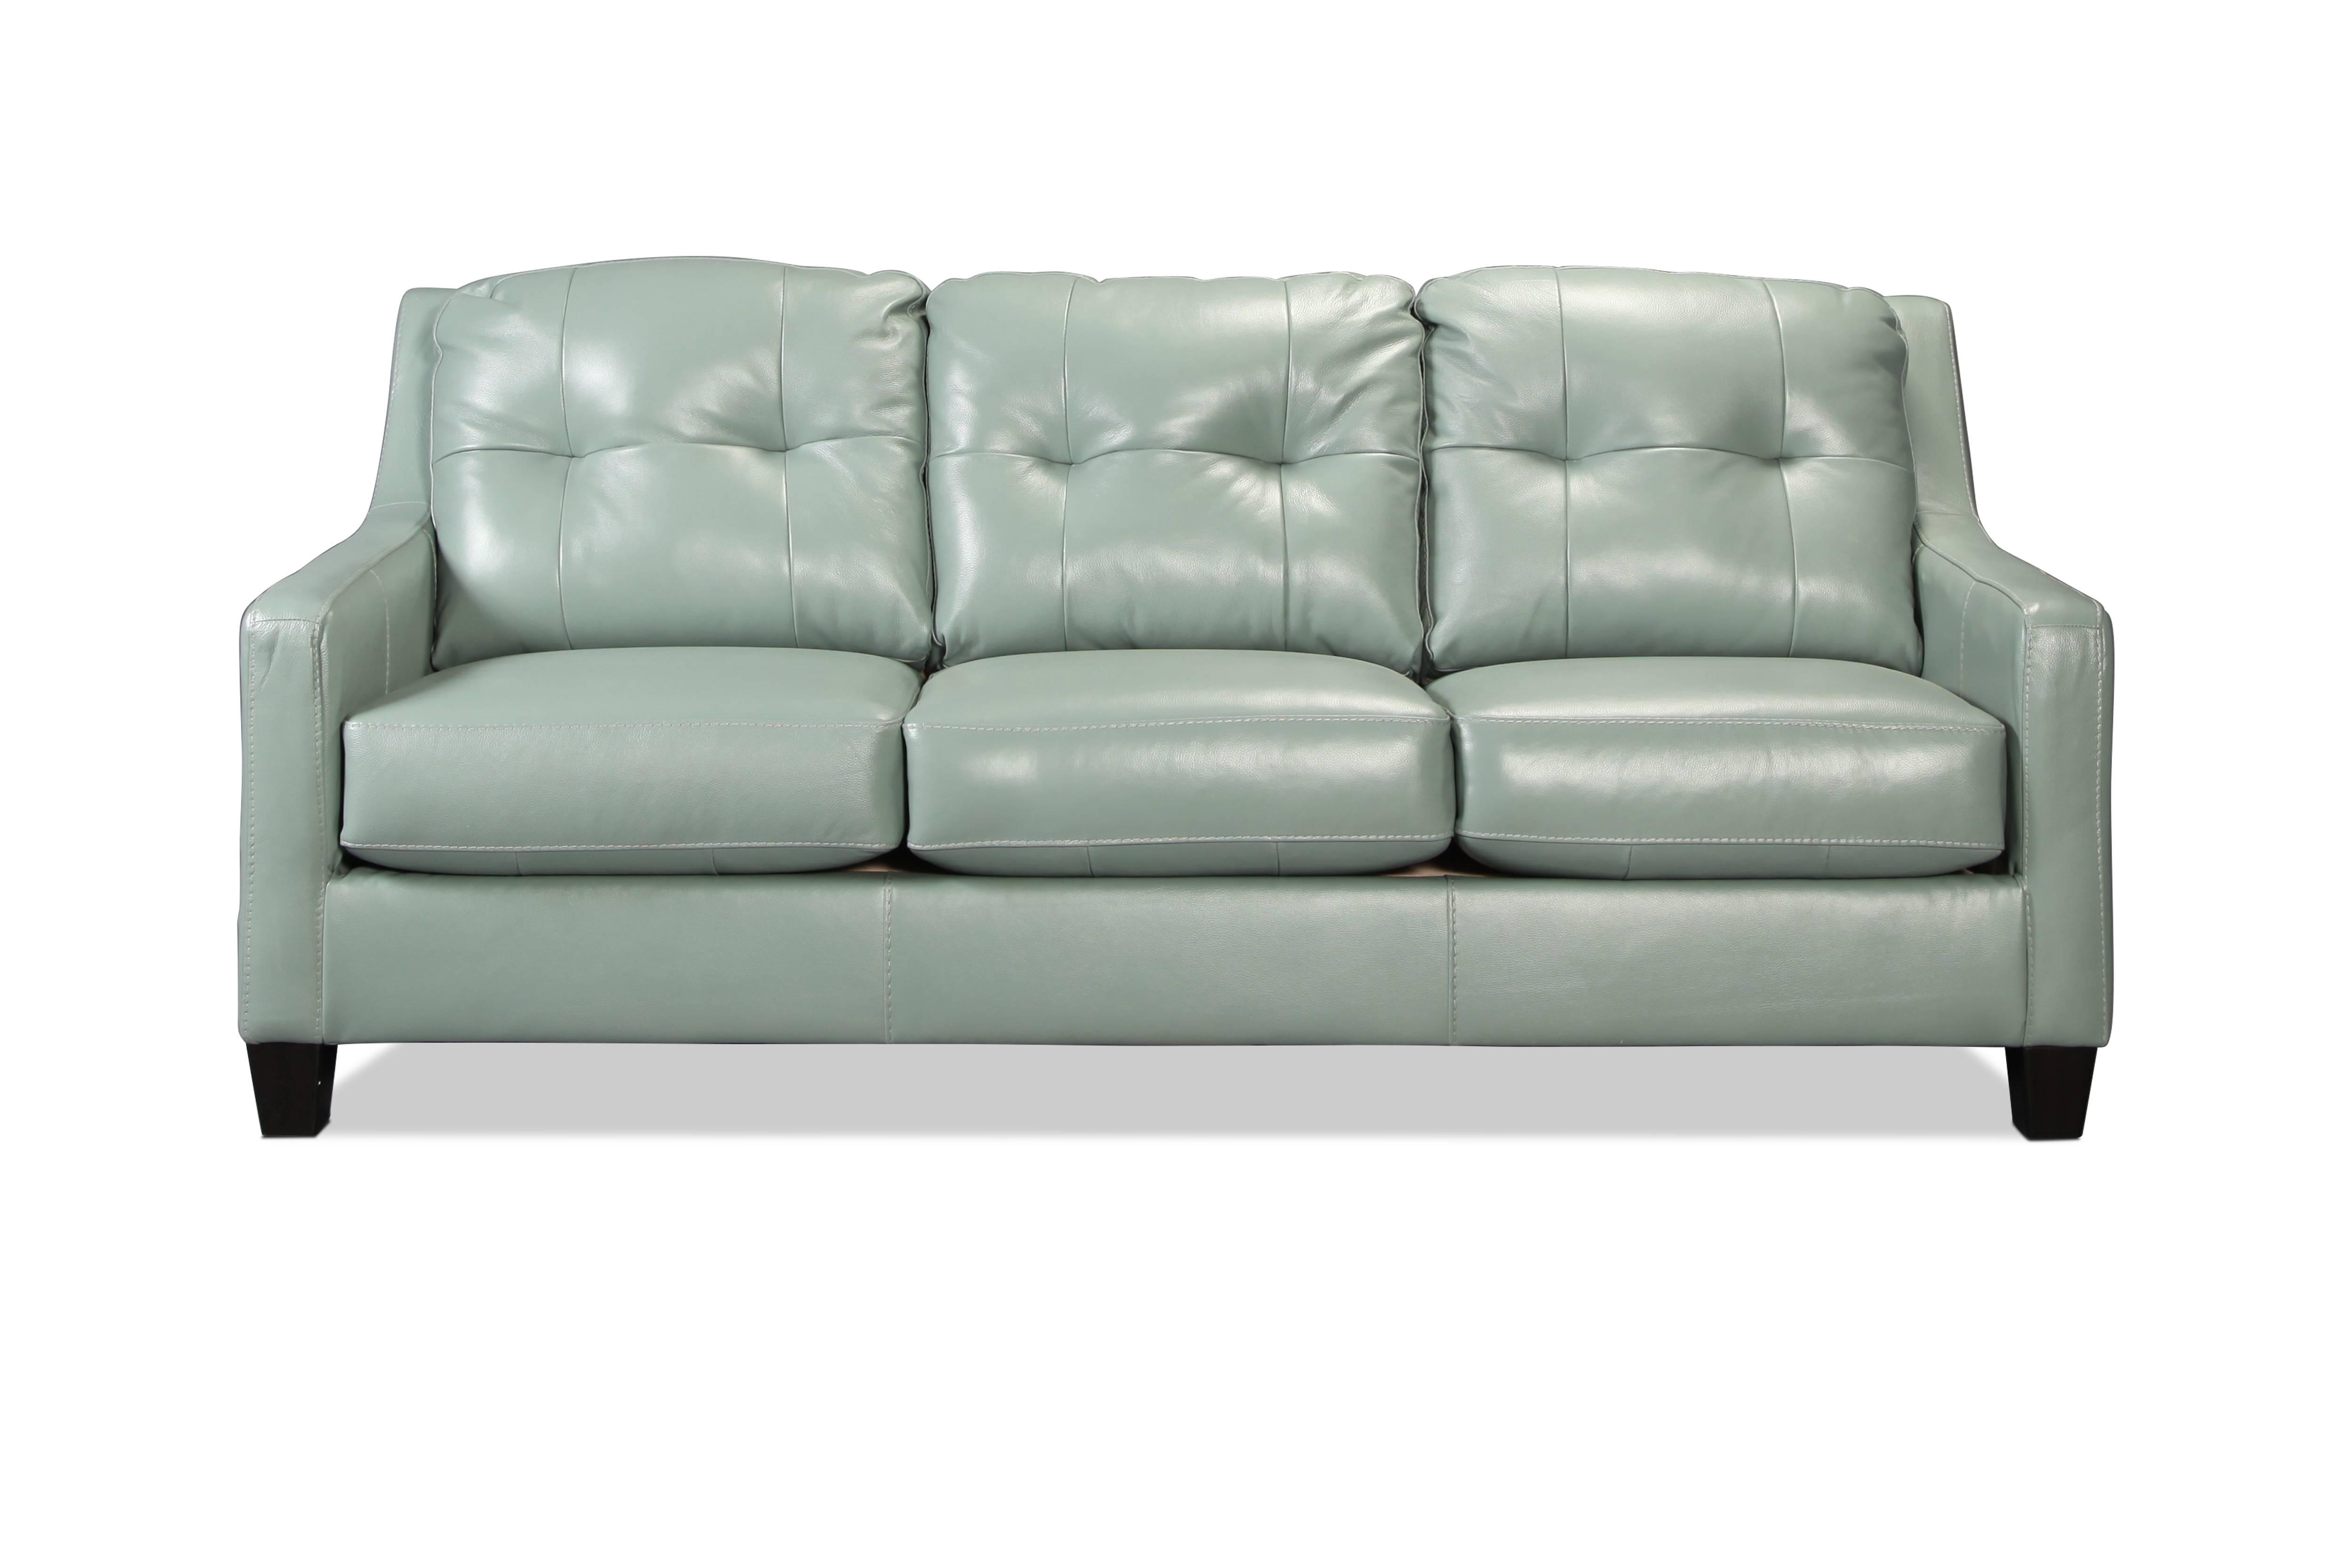 30 s 2X2 Corner Sofas